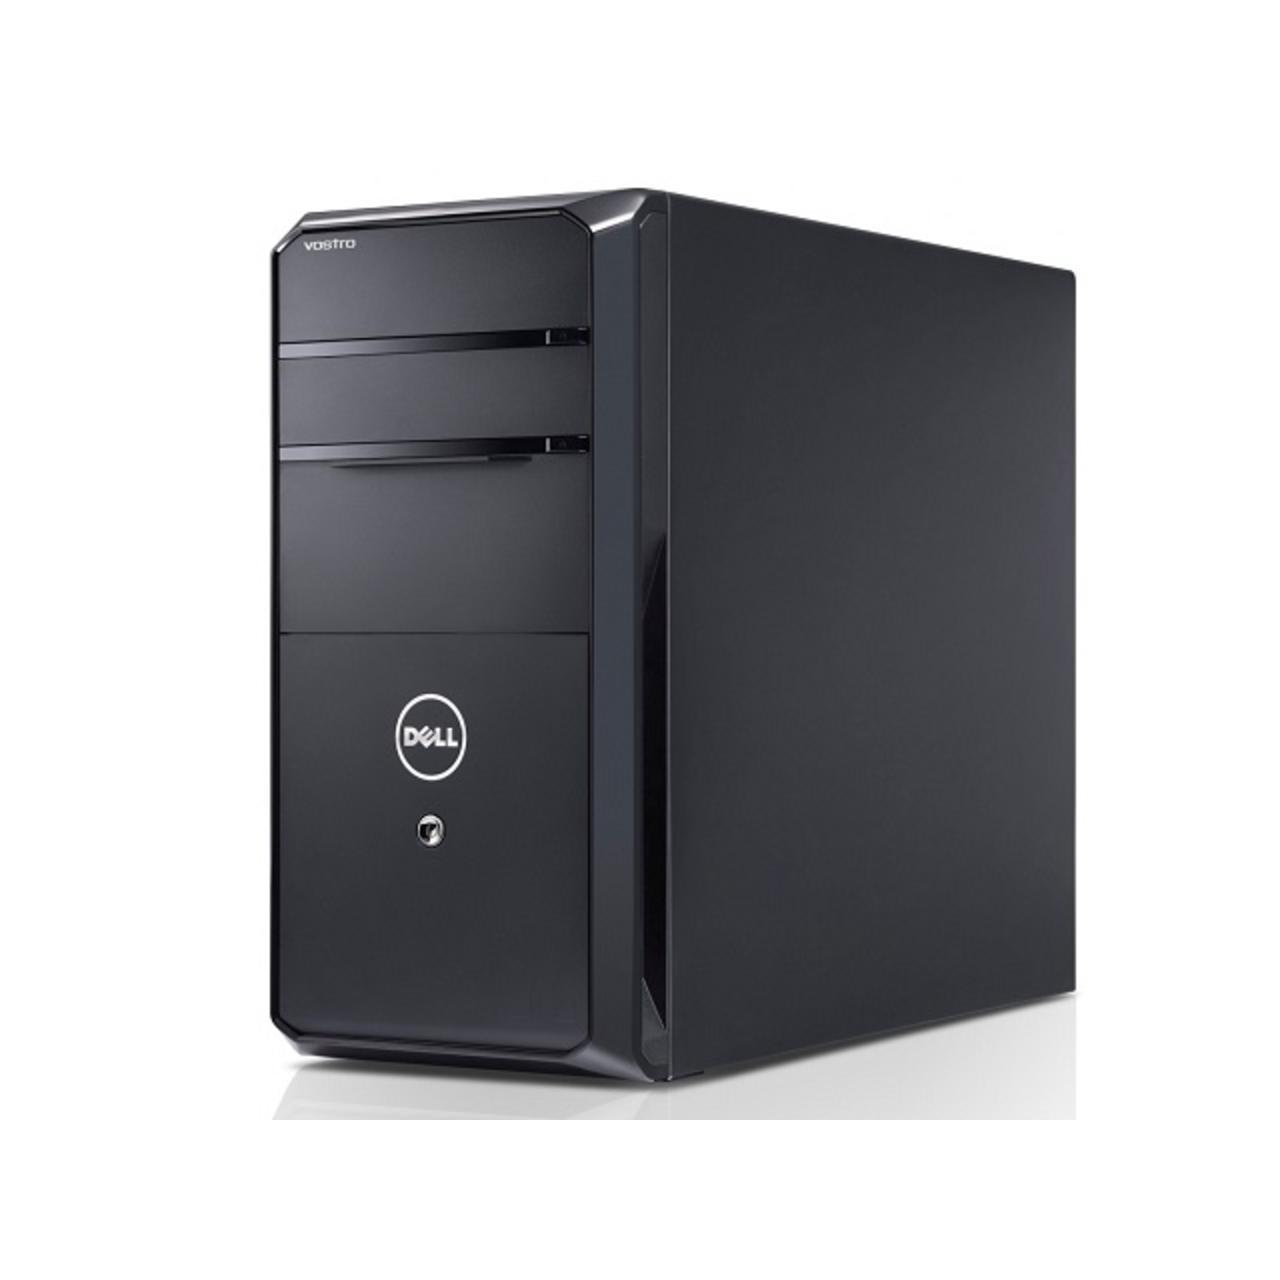 Dell Vostro 470 MT Core i5 3,1 GHz - HDD 500 GB RAM 8 GB